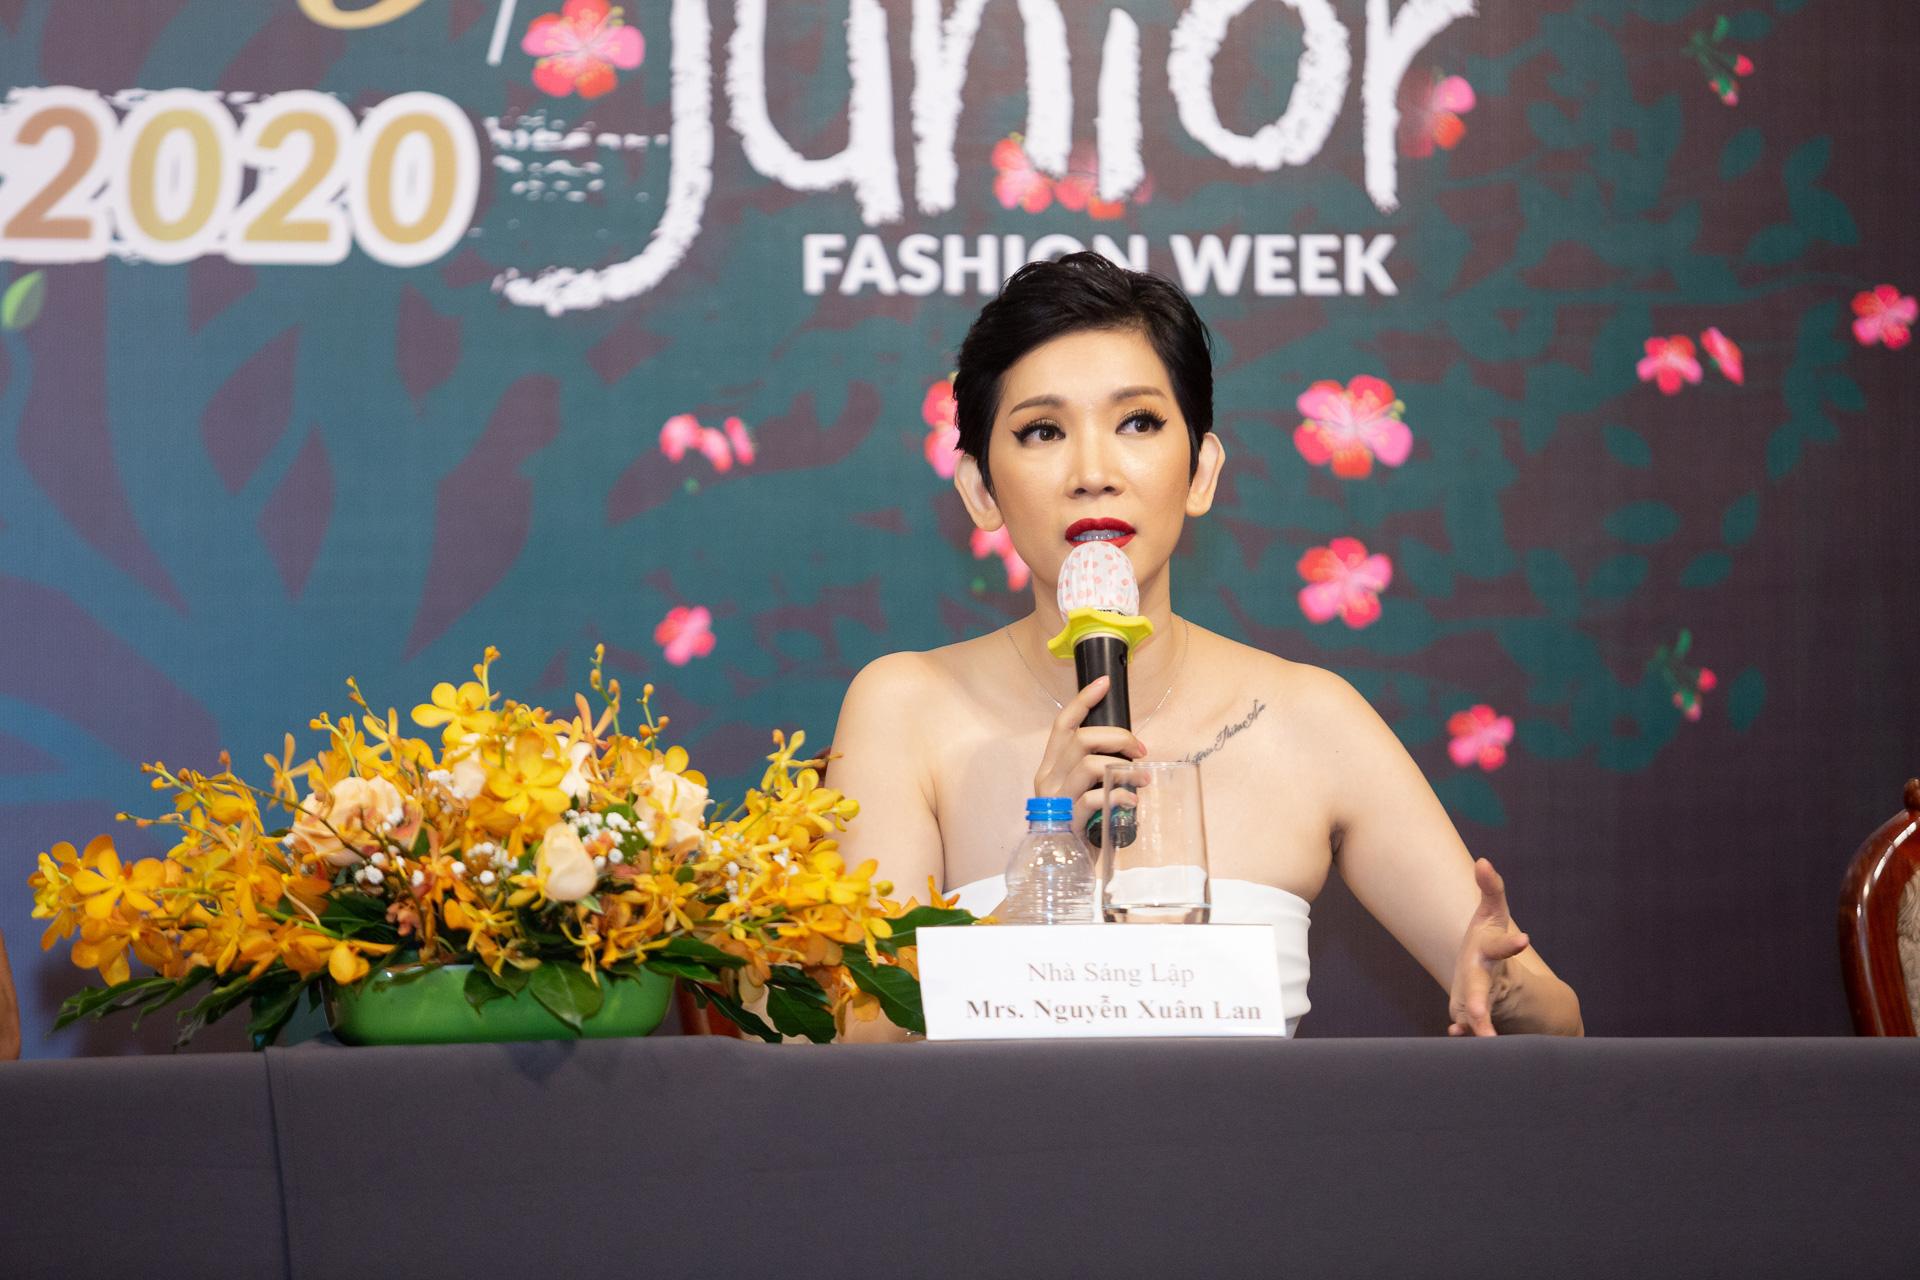 Hoàng Hải, Hà Linh Thư mở màn show diễn thời trang Vietnam Runway Fashion Week  - Ảnh 2.